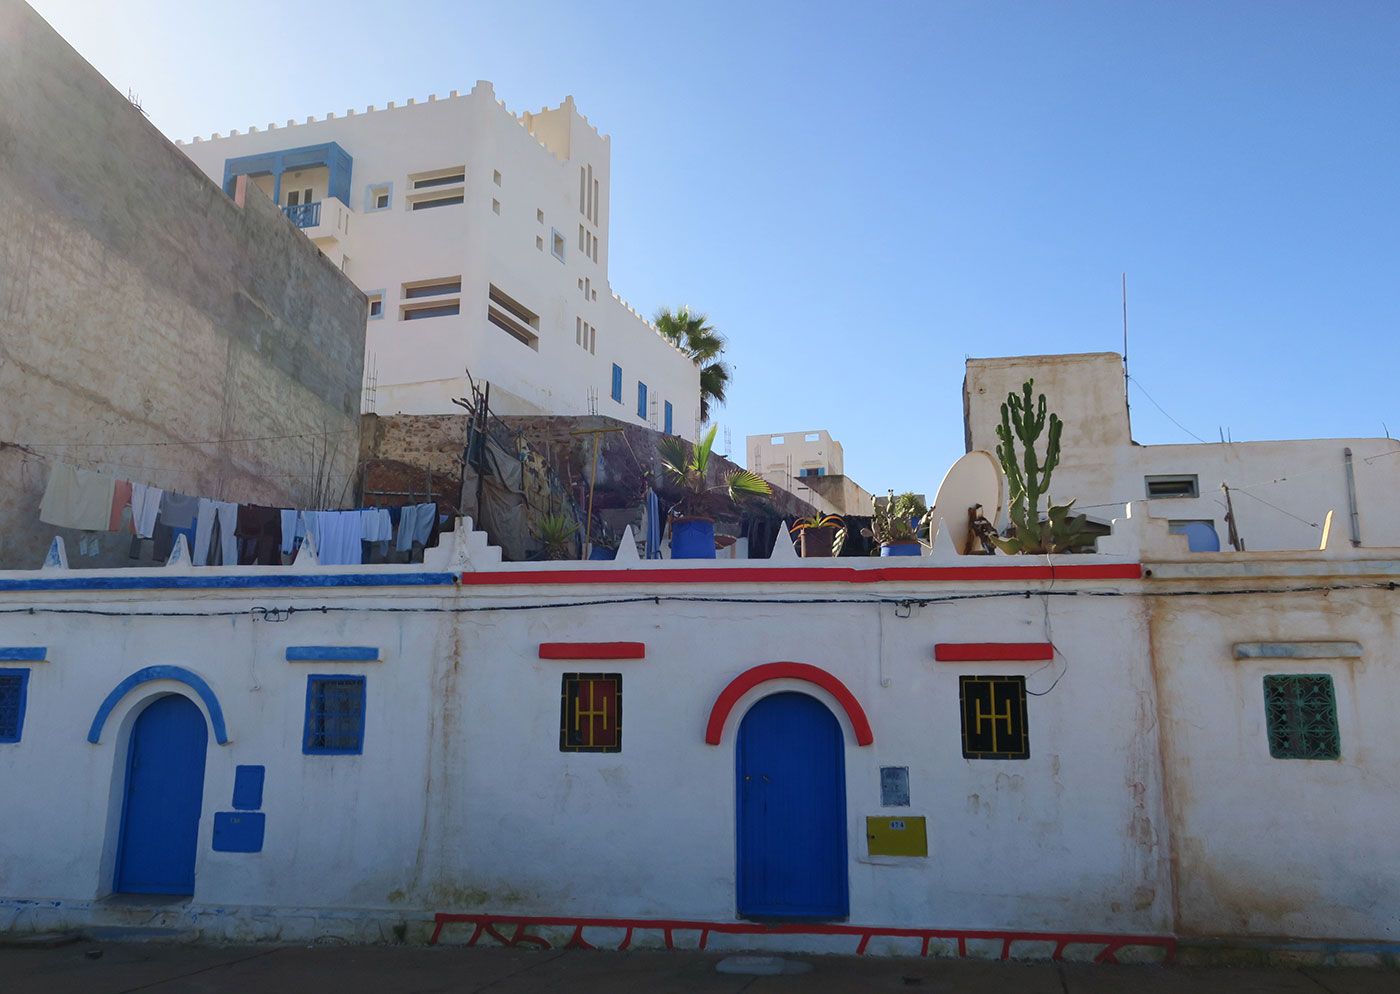 05_sidi-ifni_marokko_2018-11-28_5147